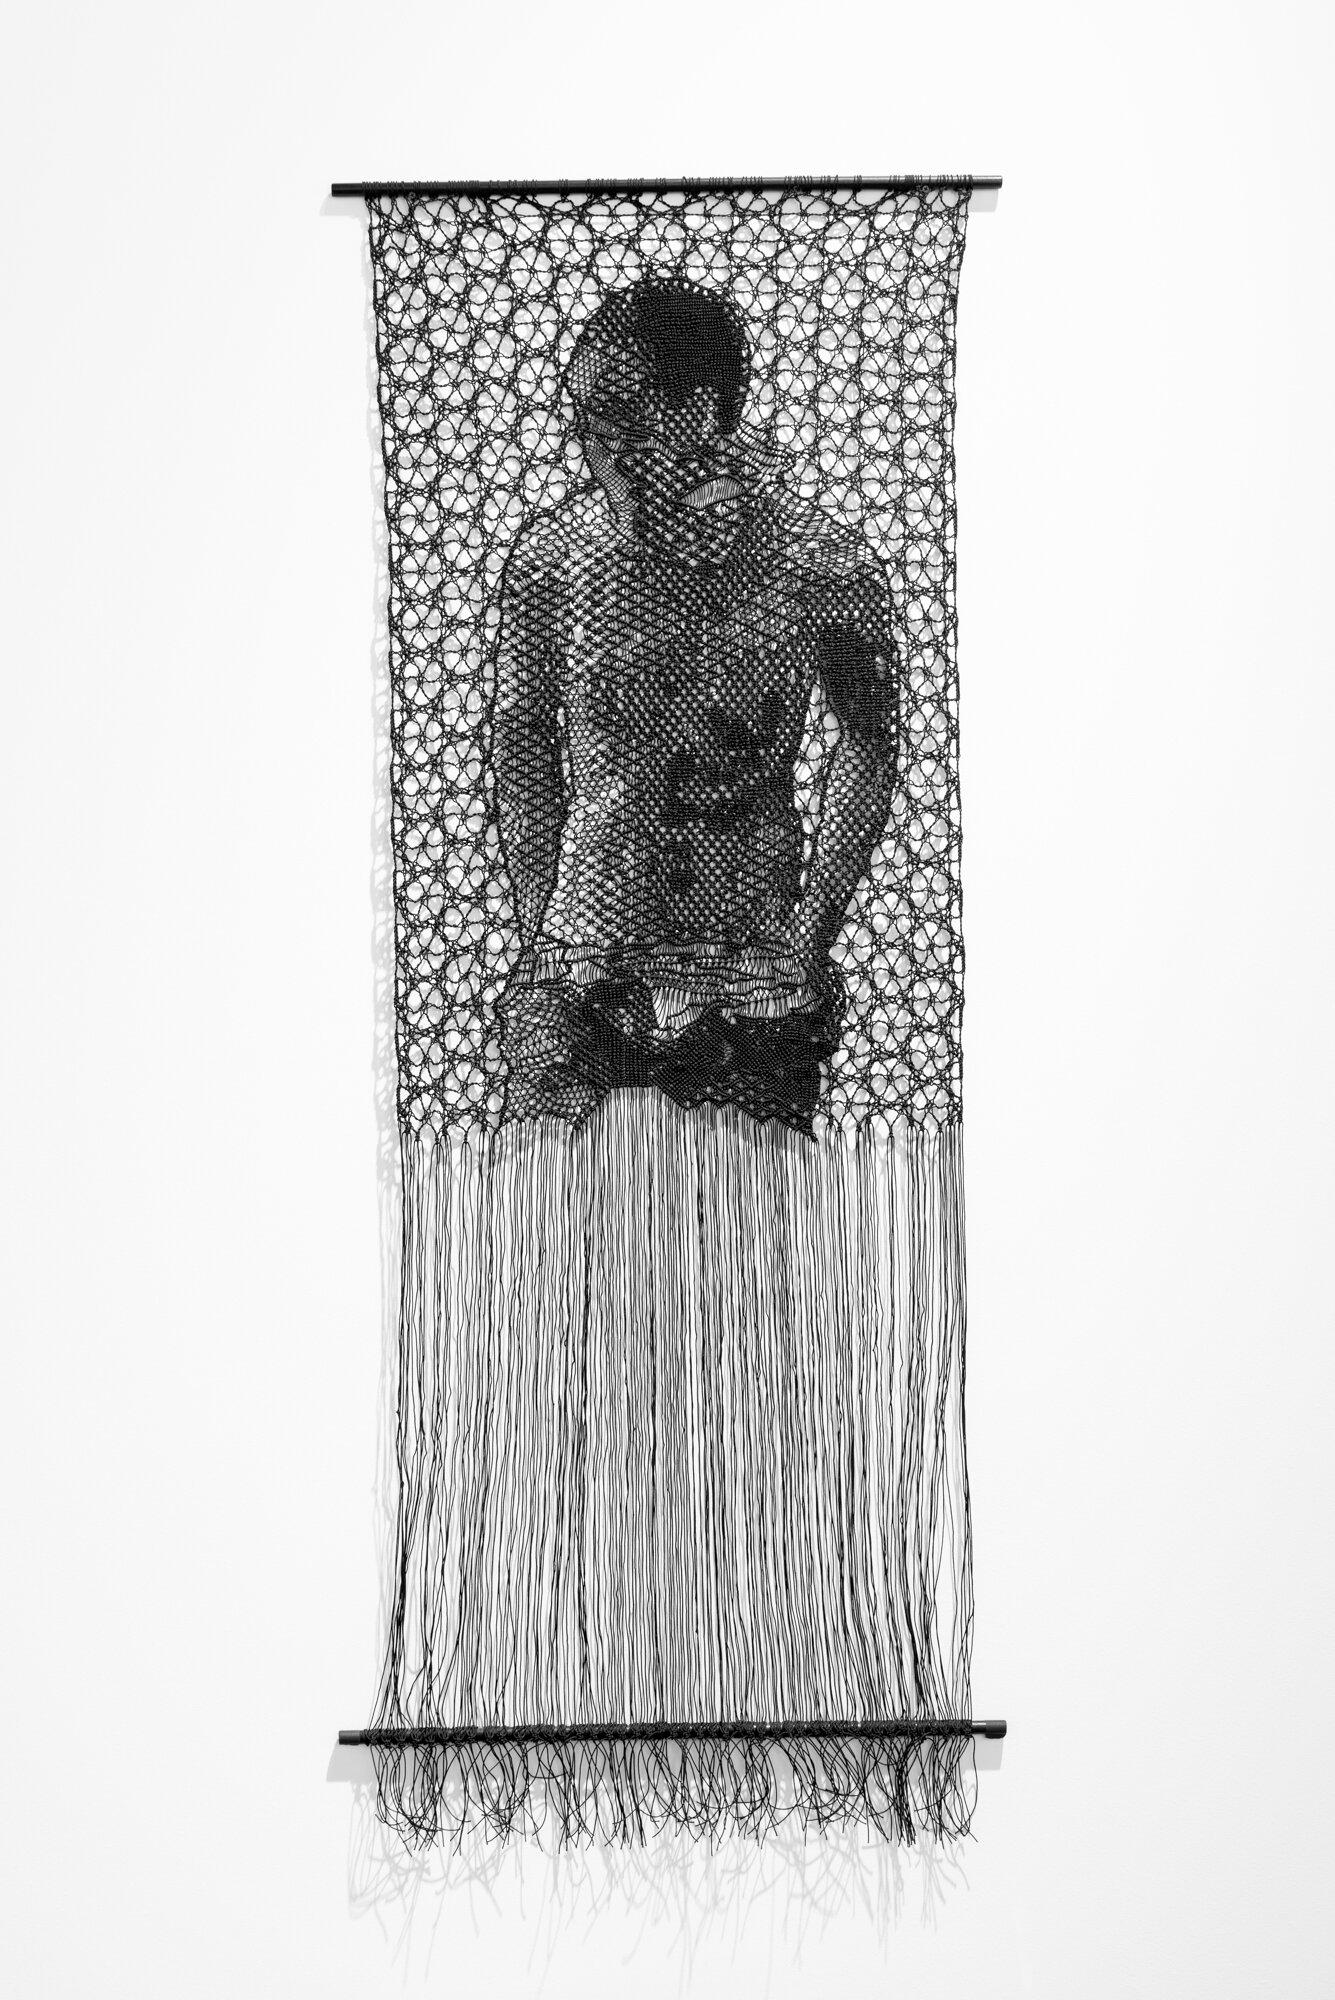 The Judgement of Paris (After Wtewael)   Pierre Fouché  2013  Polyester braid